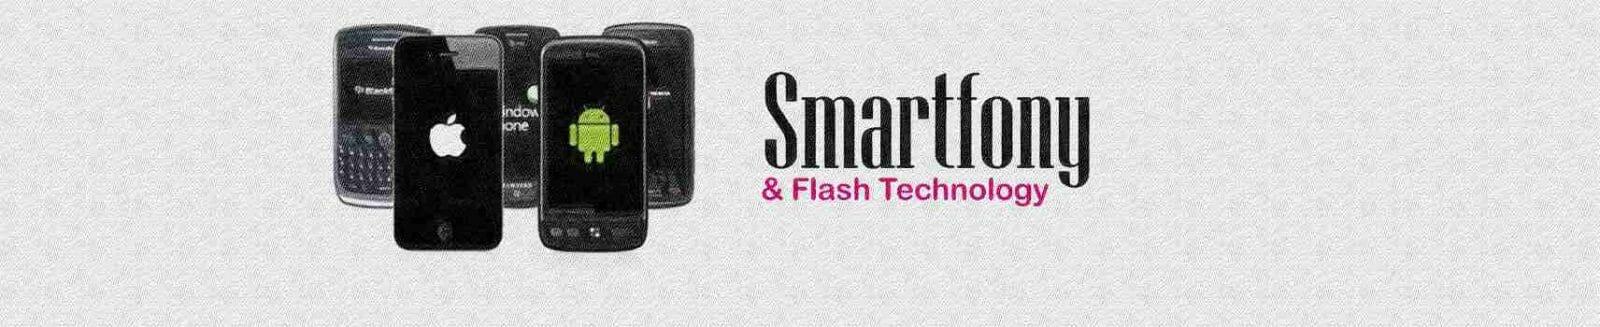 odzyskiwanie danych ze smartfonów Odzyskiwanie danych ze smartfonów naglowek smartfony2 A 1712x350